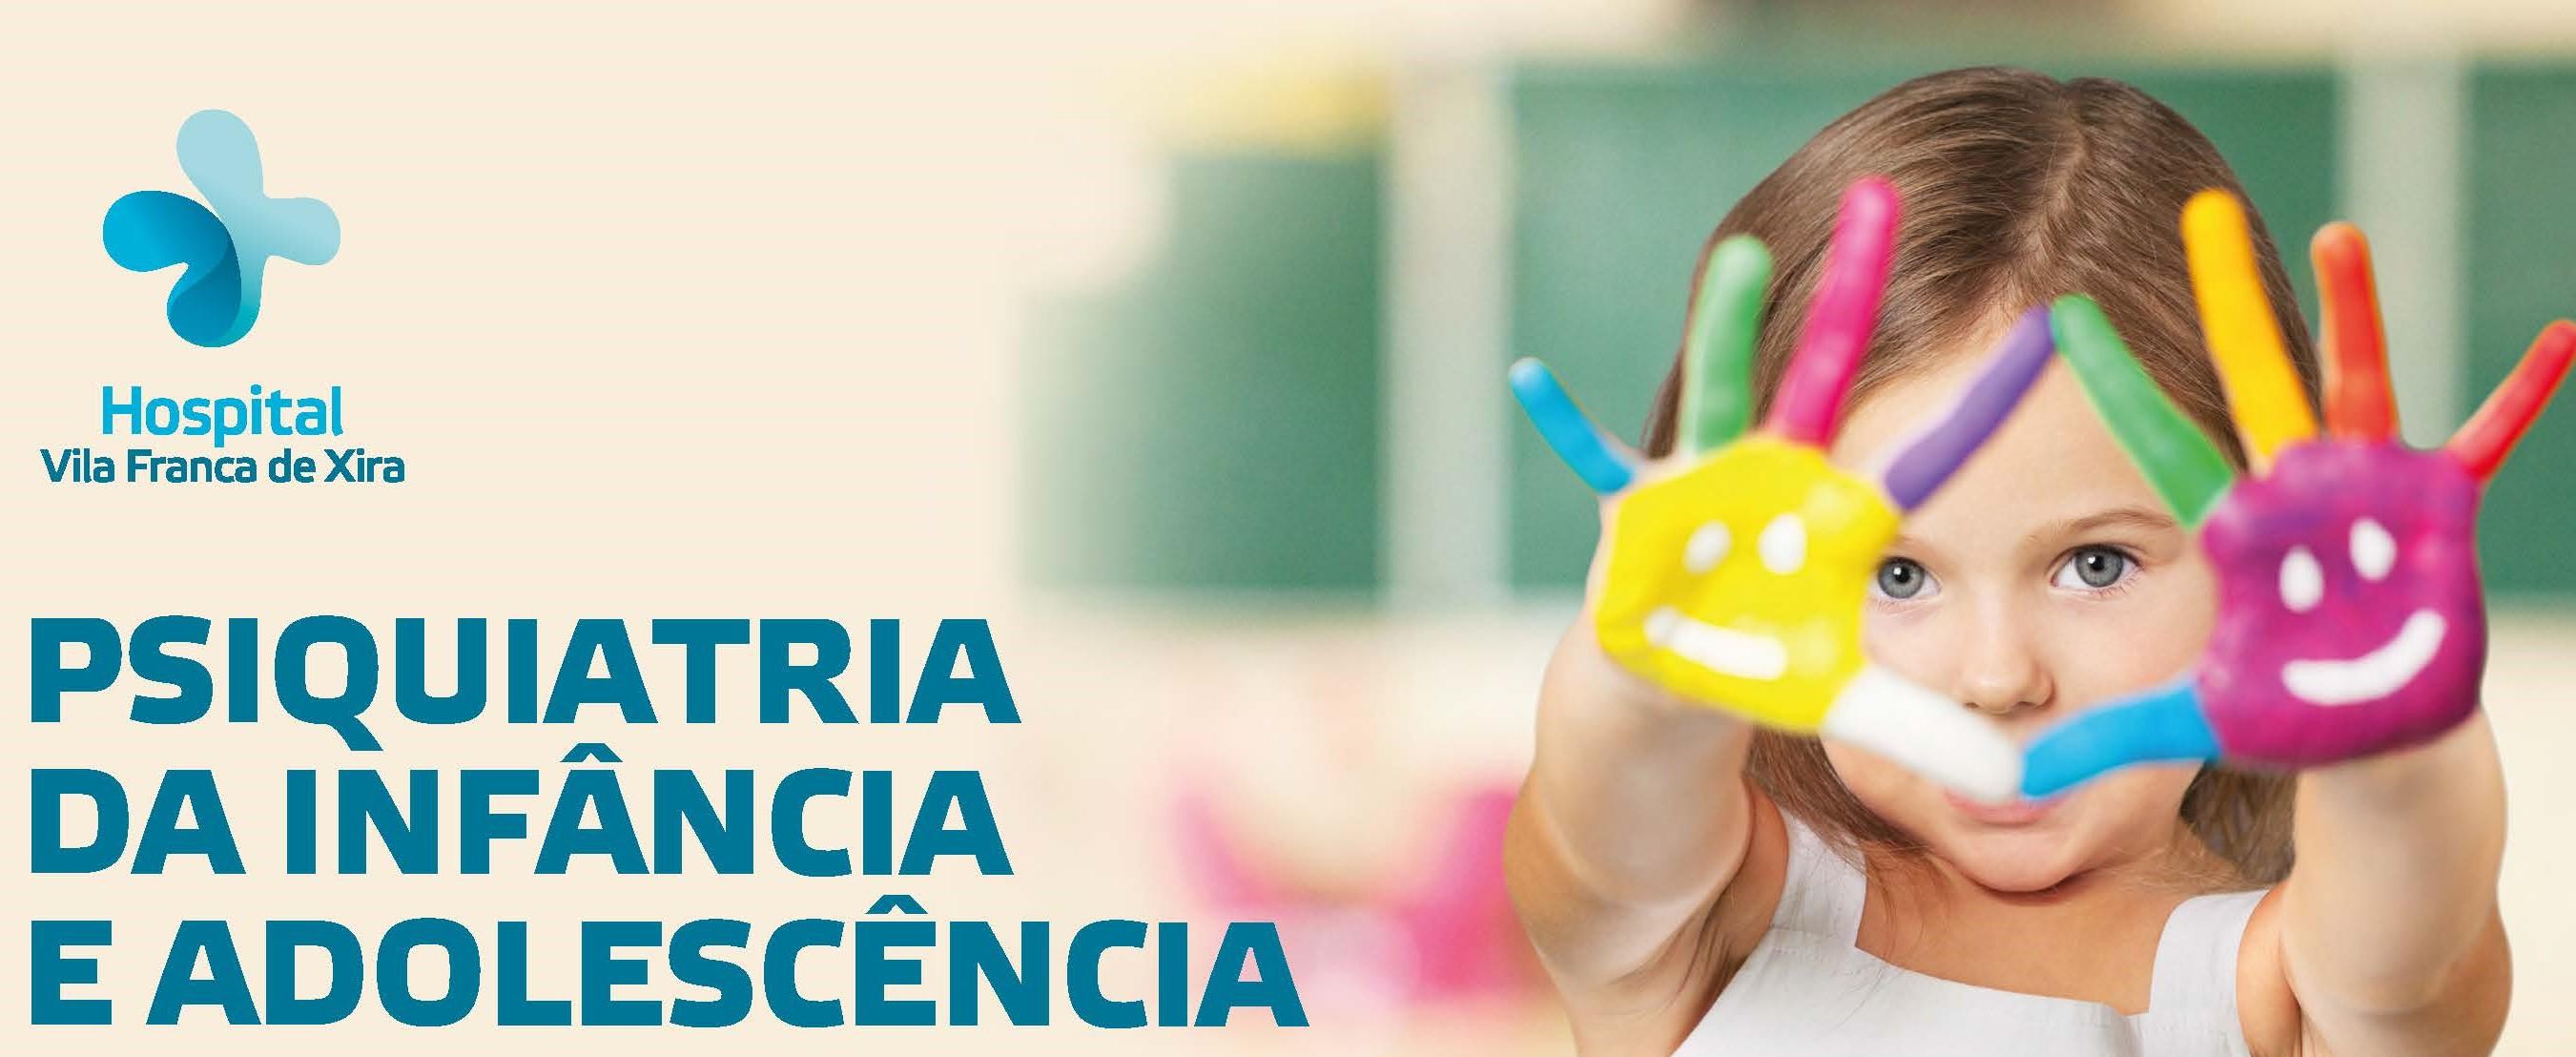 hospital-de-vila-franca-de-xira-Psiquiatria da Infância e do Adolescente